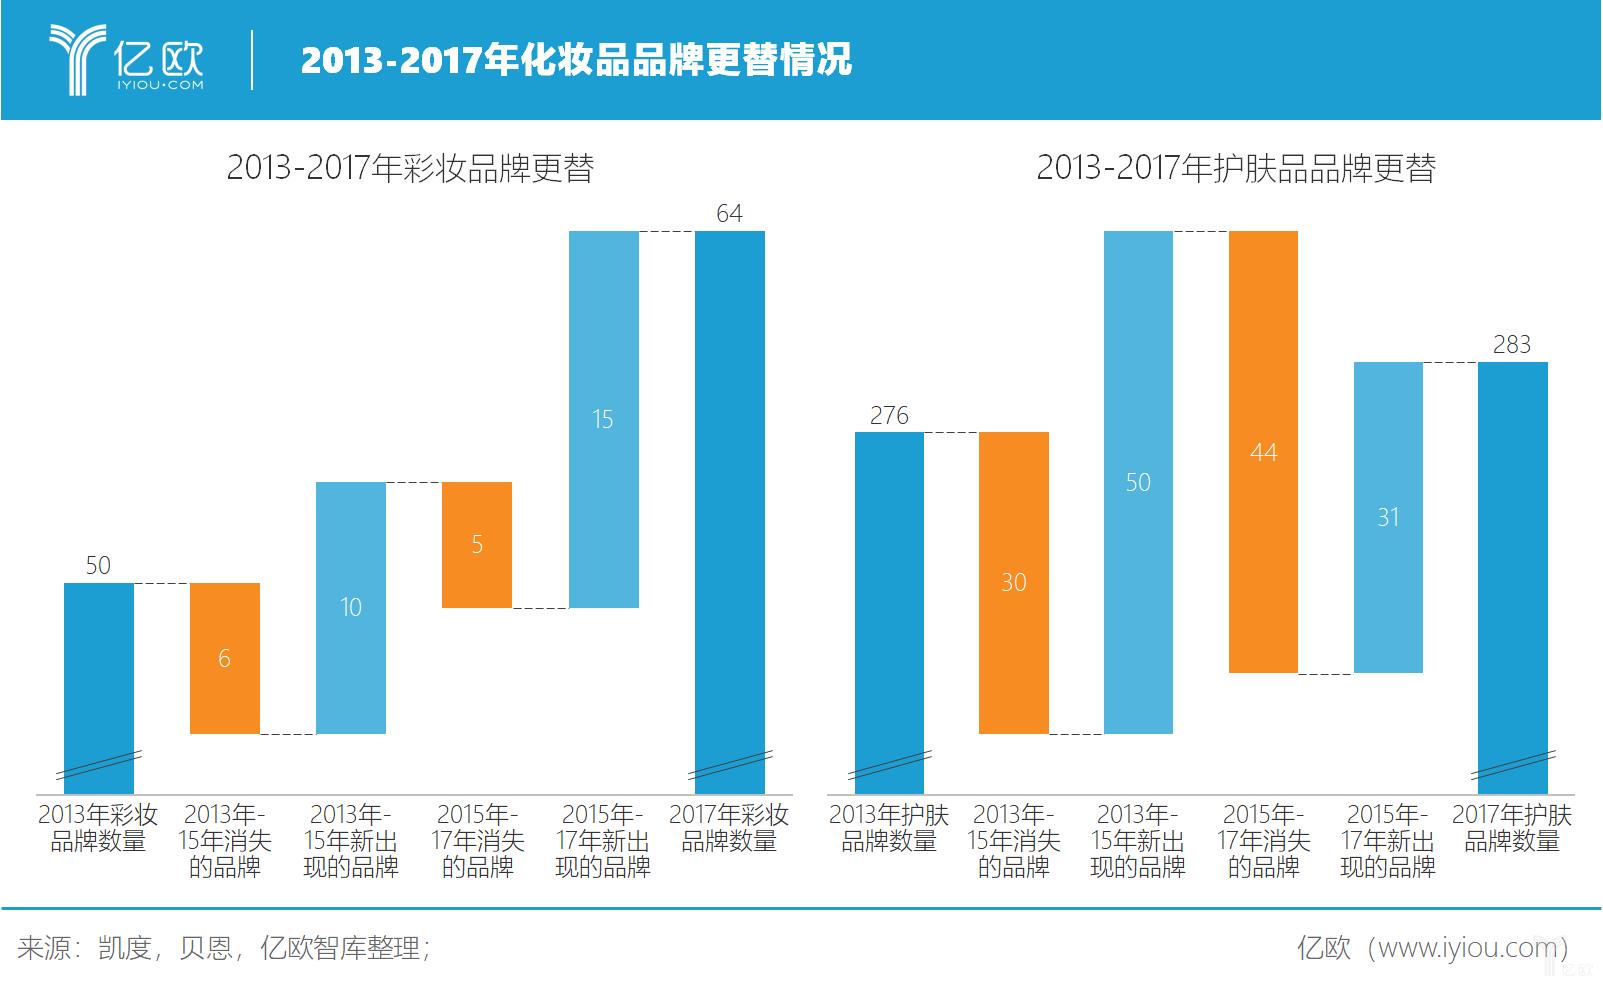 亿欧智库: 2013-2017年化妆品品牌更替情况